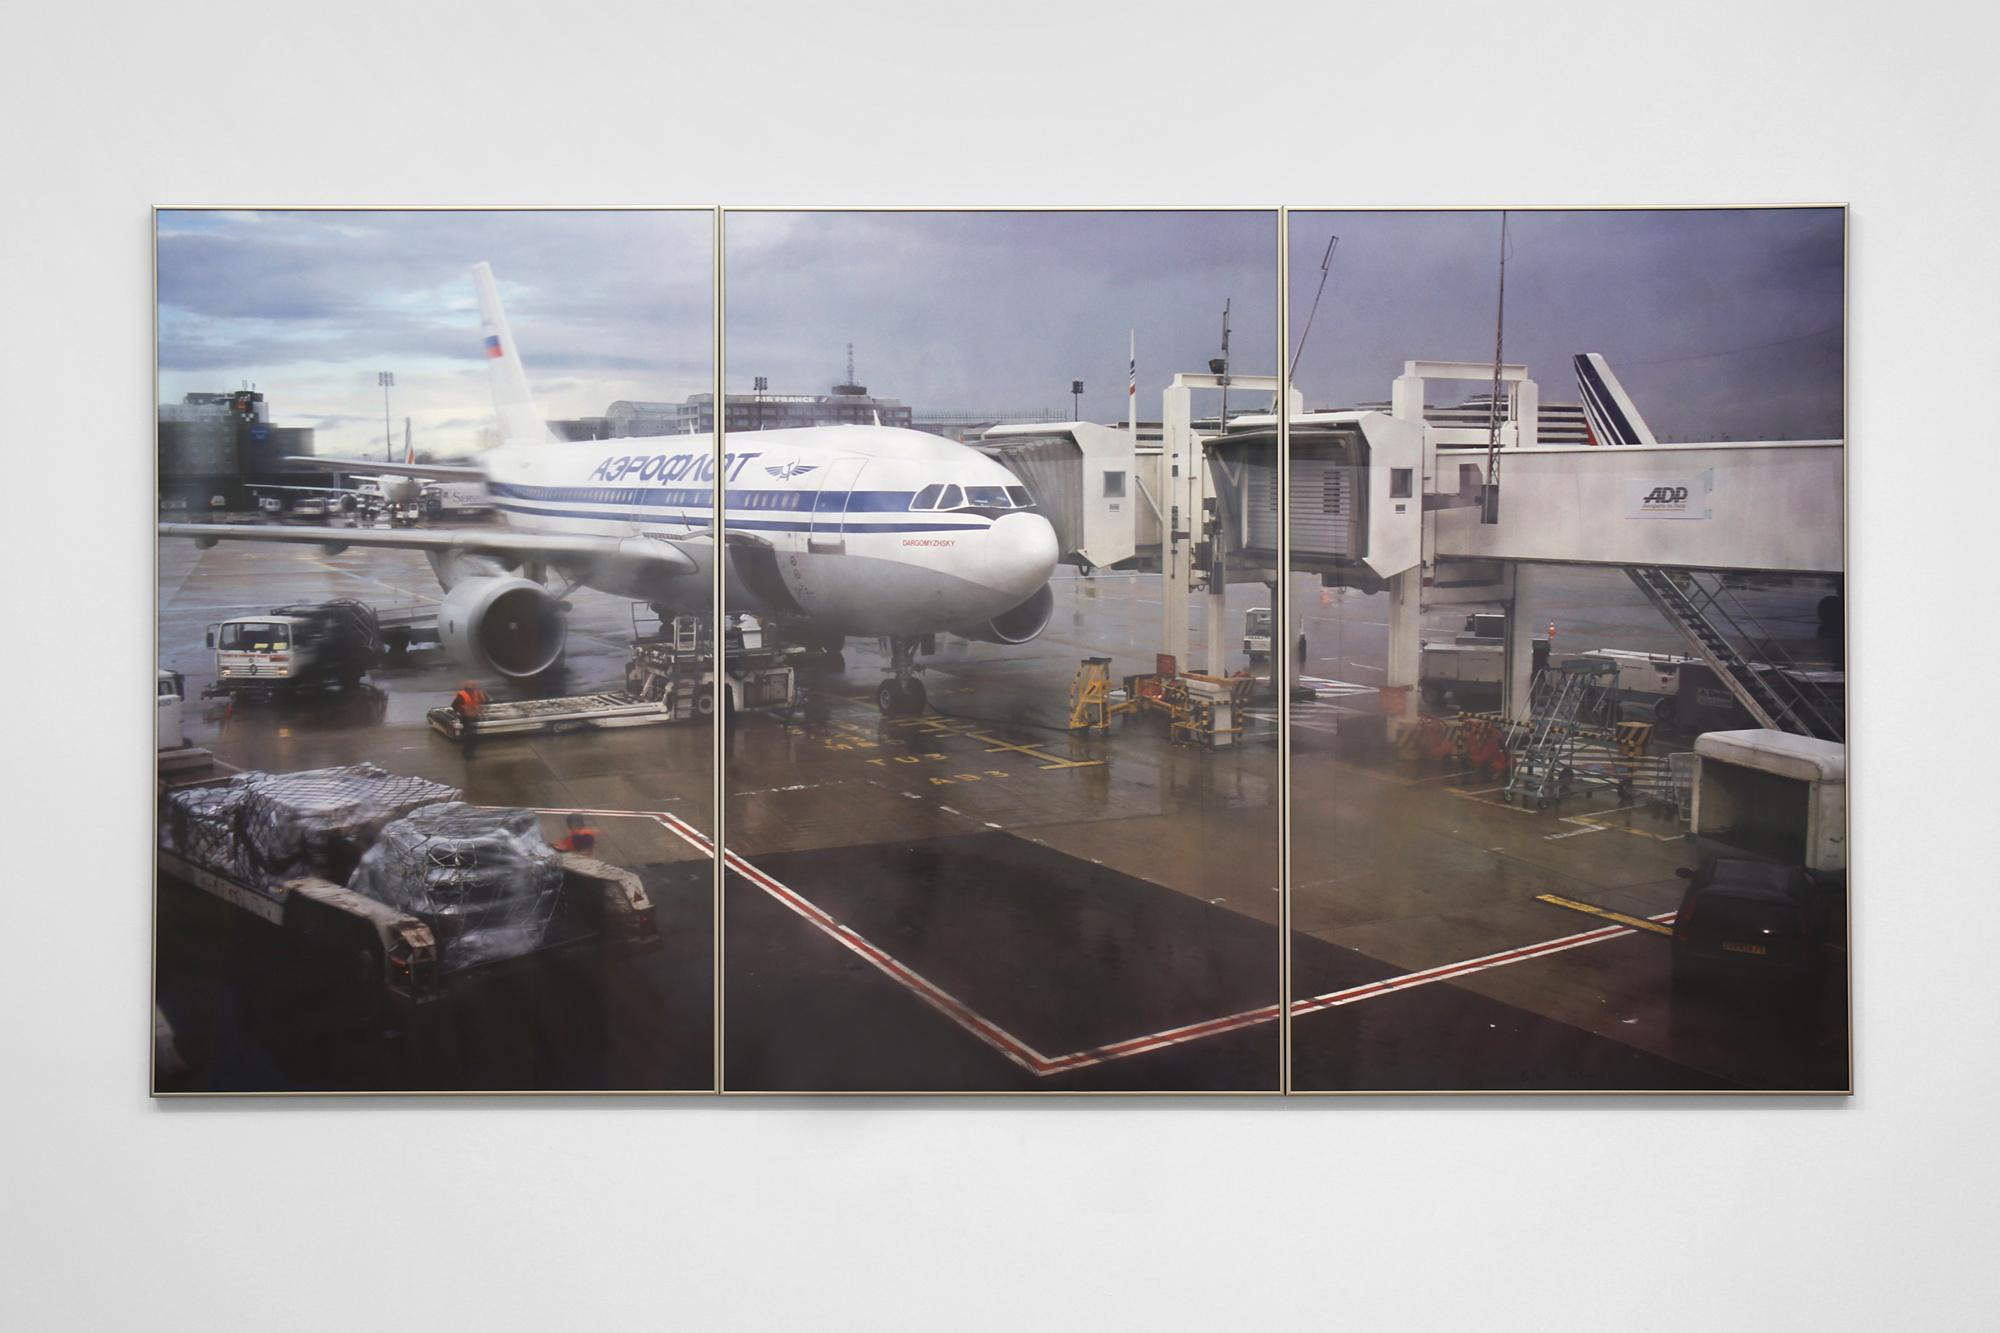 Untitled (Airport Paris)